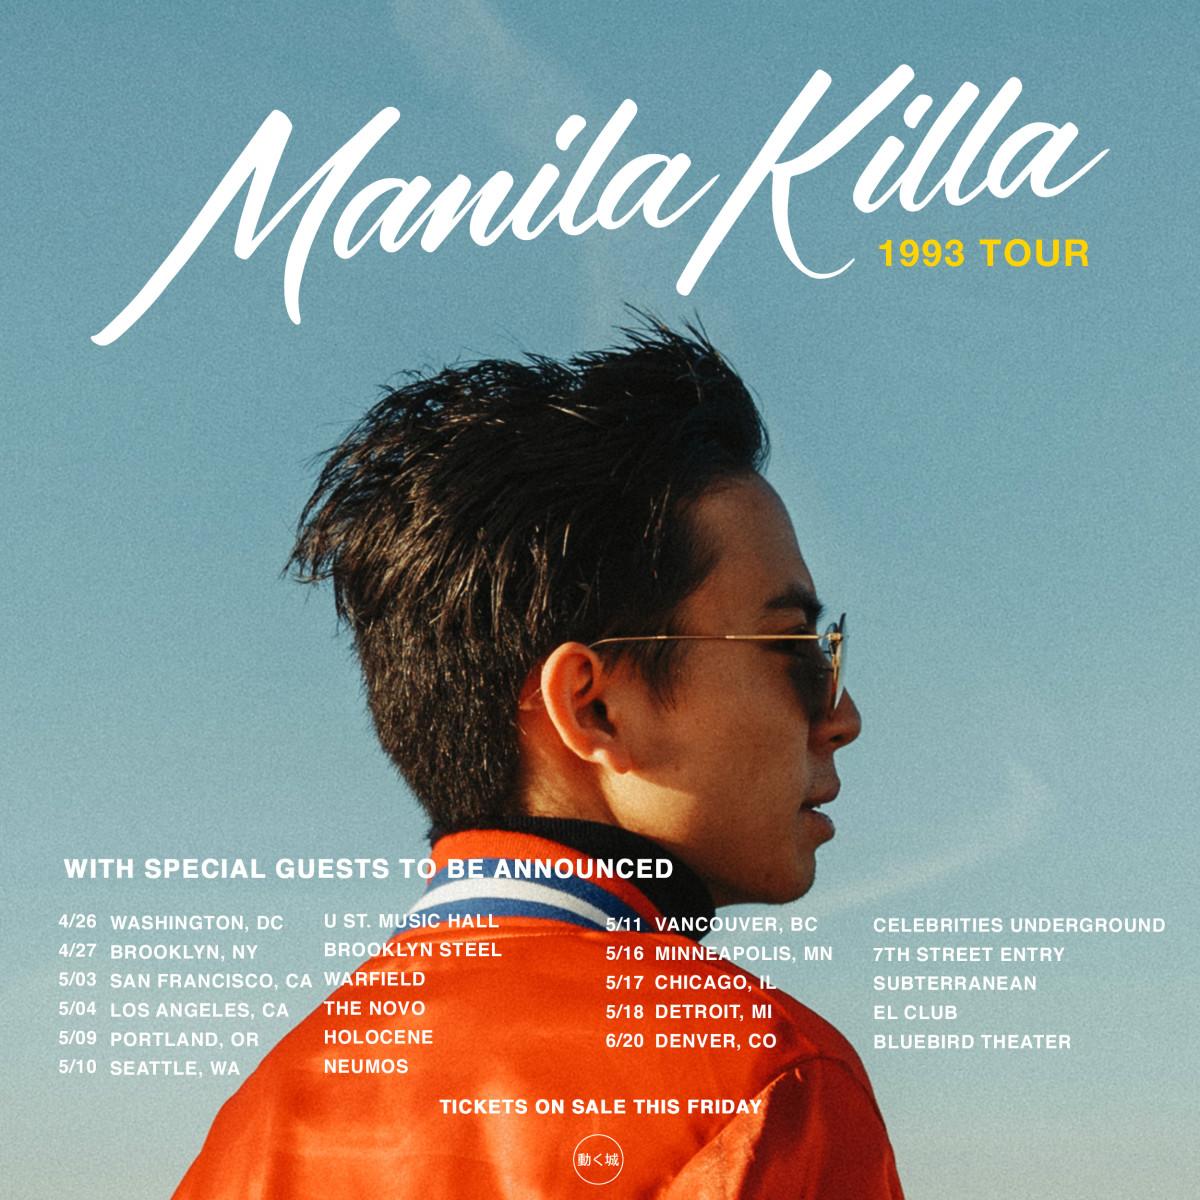 Manila Killa 1993 Tour